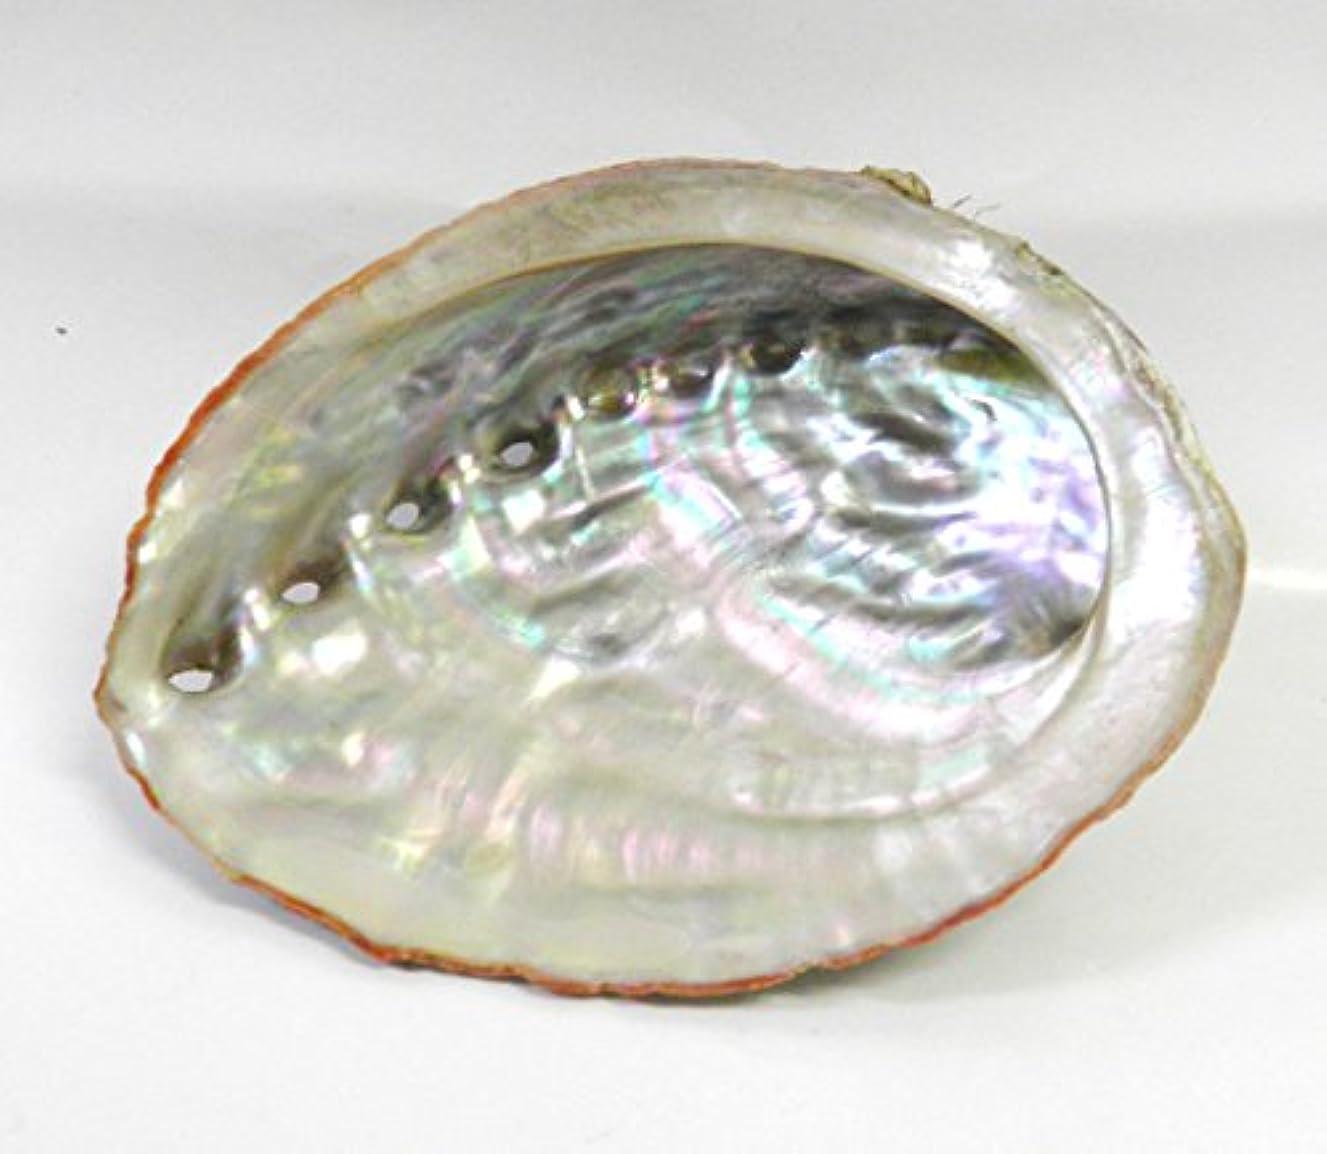 周囲練るバランスアワビの貝殻 アバロン シェル ホワイトセージ 浄化用 お香 空間浄化 天然石